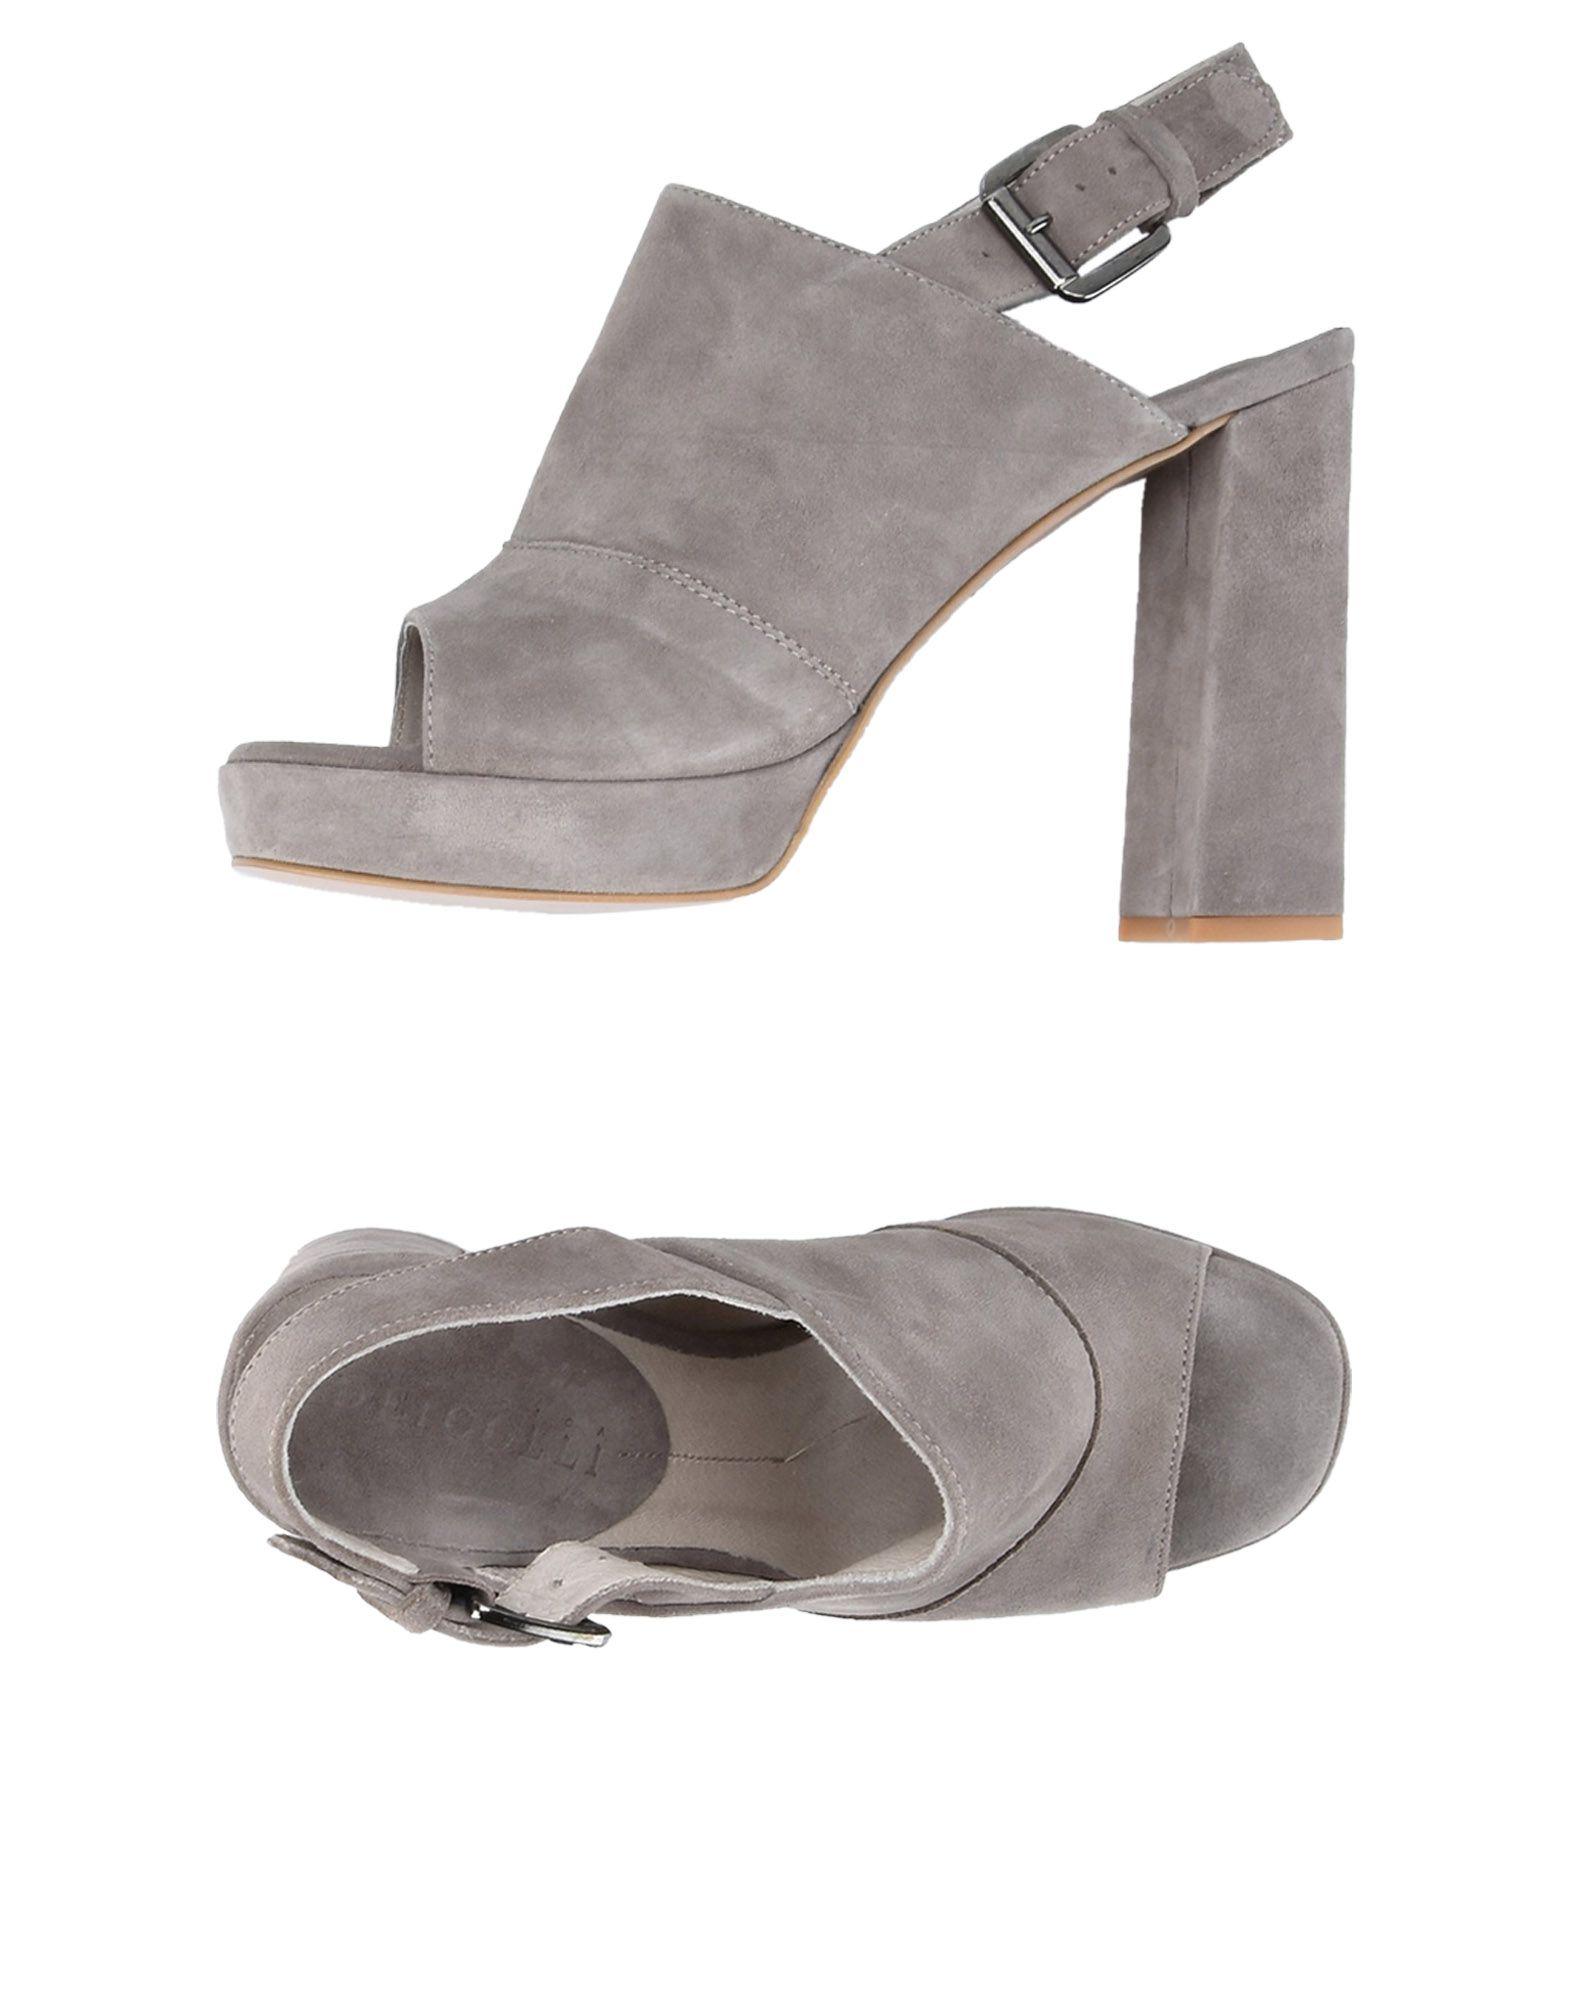 Fabbrica Deicolli Sandalen Damen  11390725FO Neue Schuhe